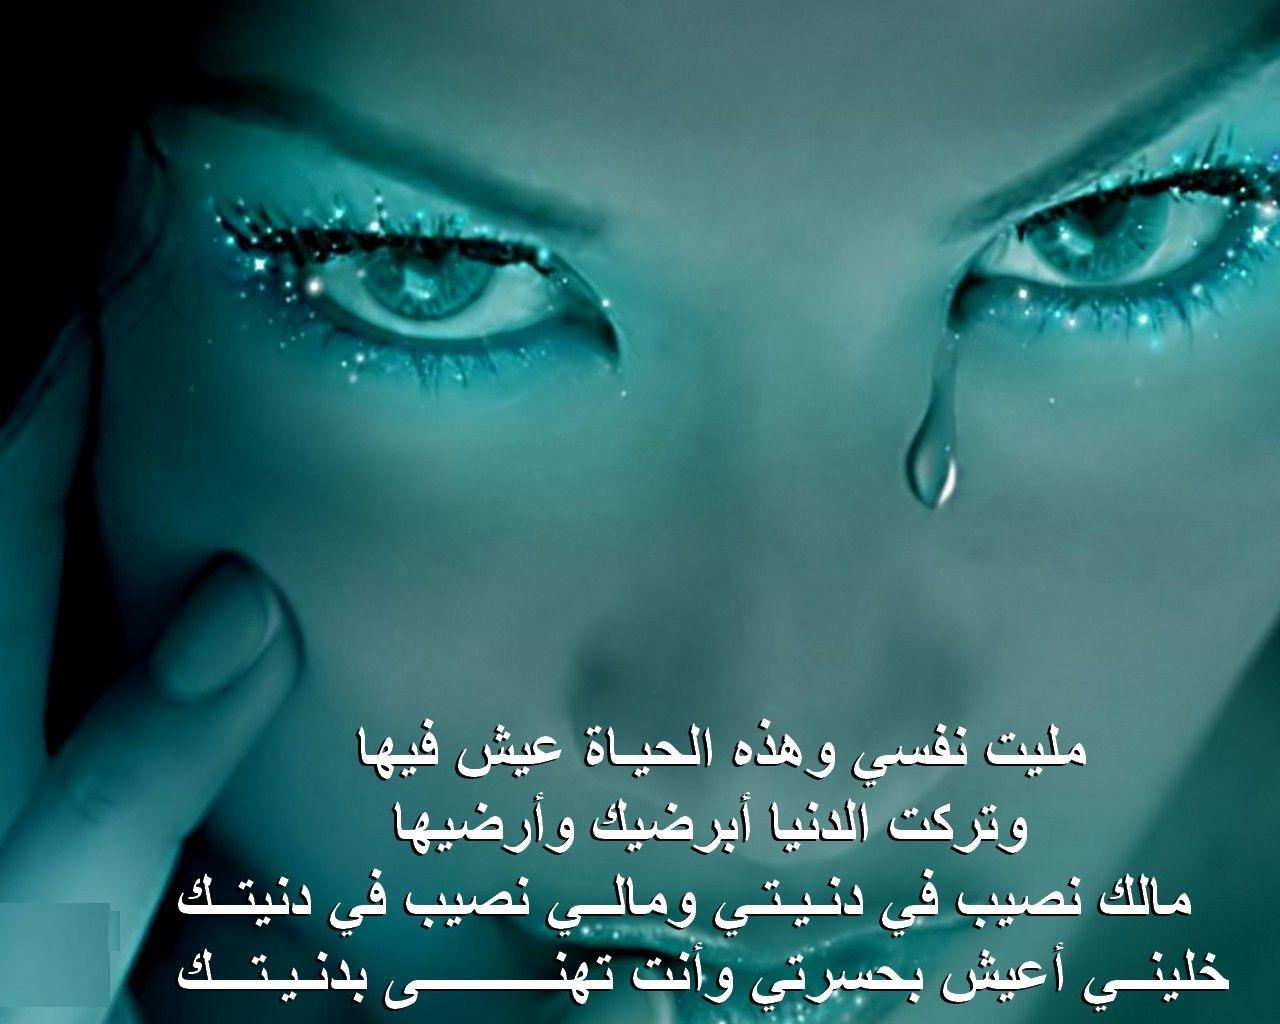 صوره كلام حزين جدا يبكي قصير , كلمات تبكي الحجر